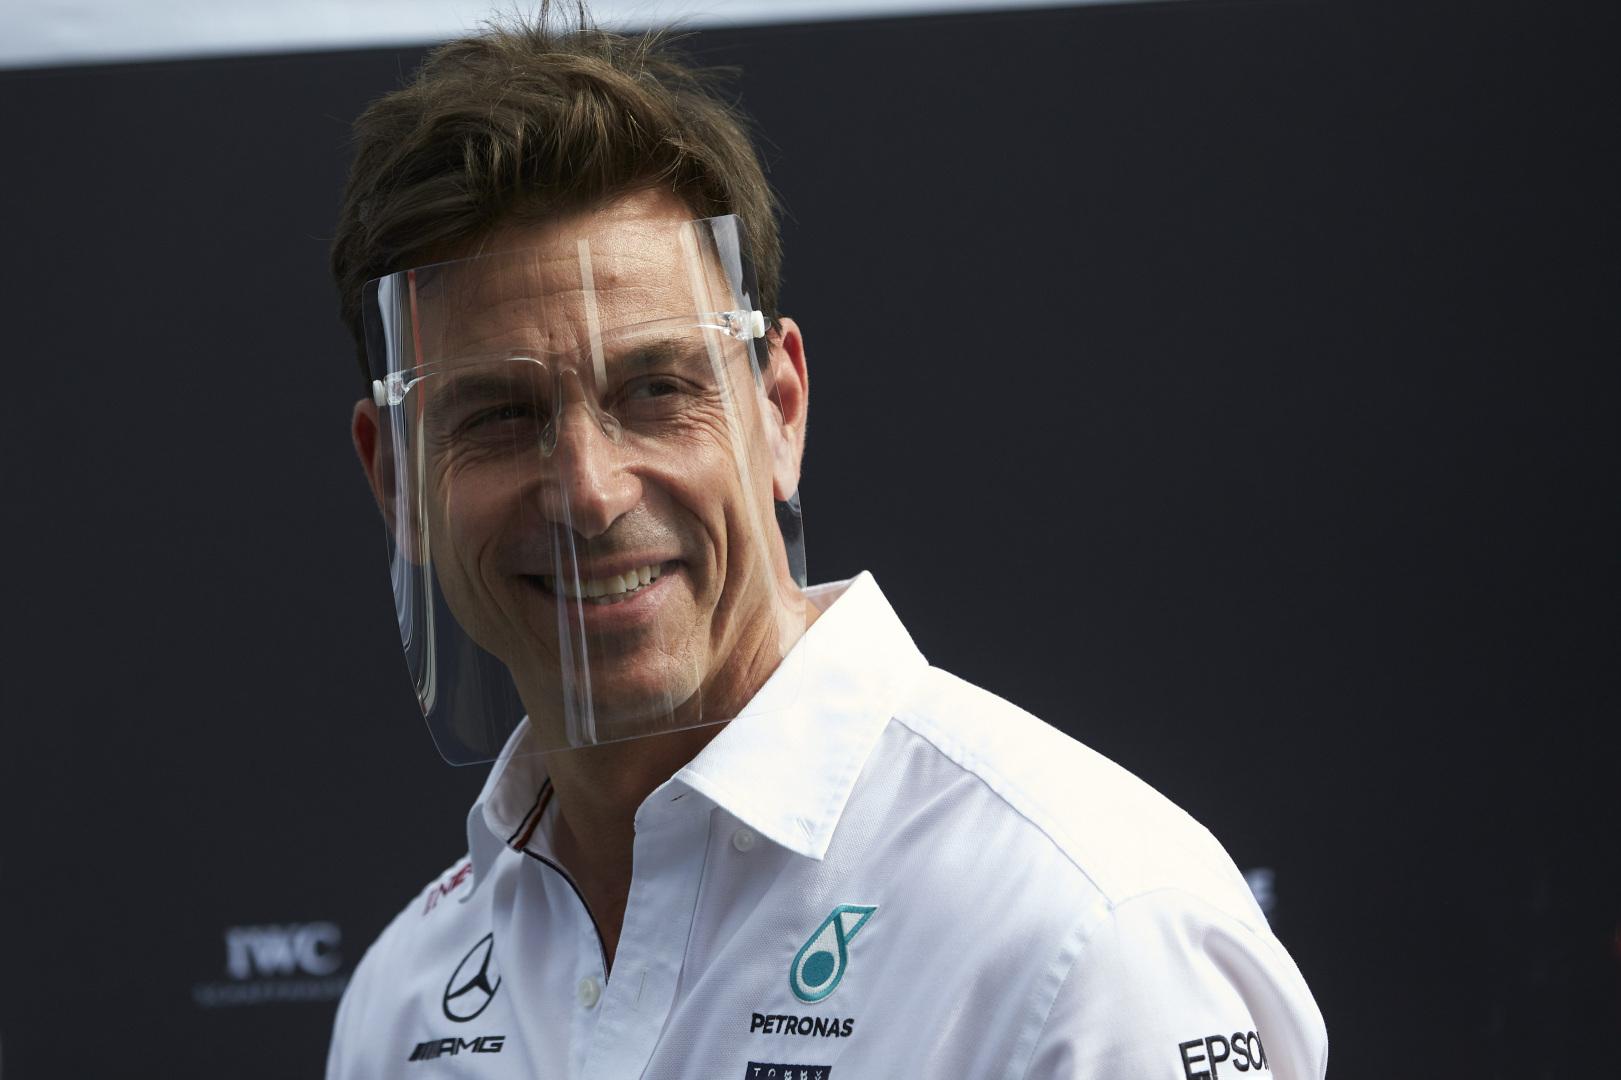 L. Hamiltono bauda nepatenkintas T. Wolffas: vienu metu atrodė, kad abu mūsų bolidai nepasieks finišo